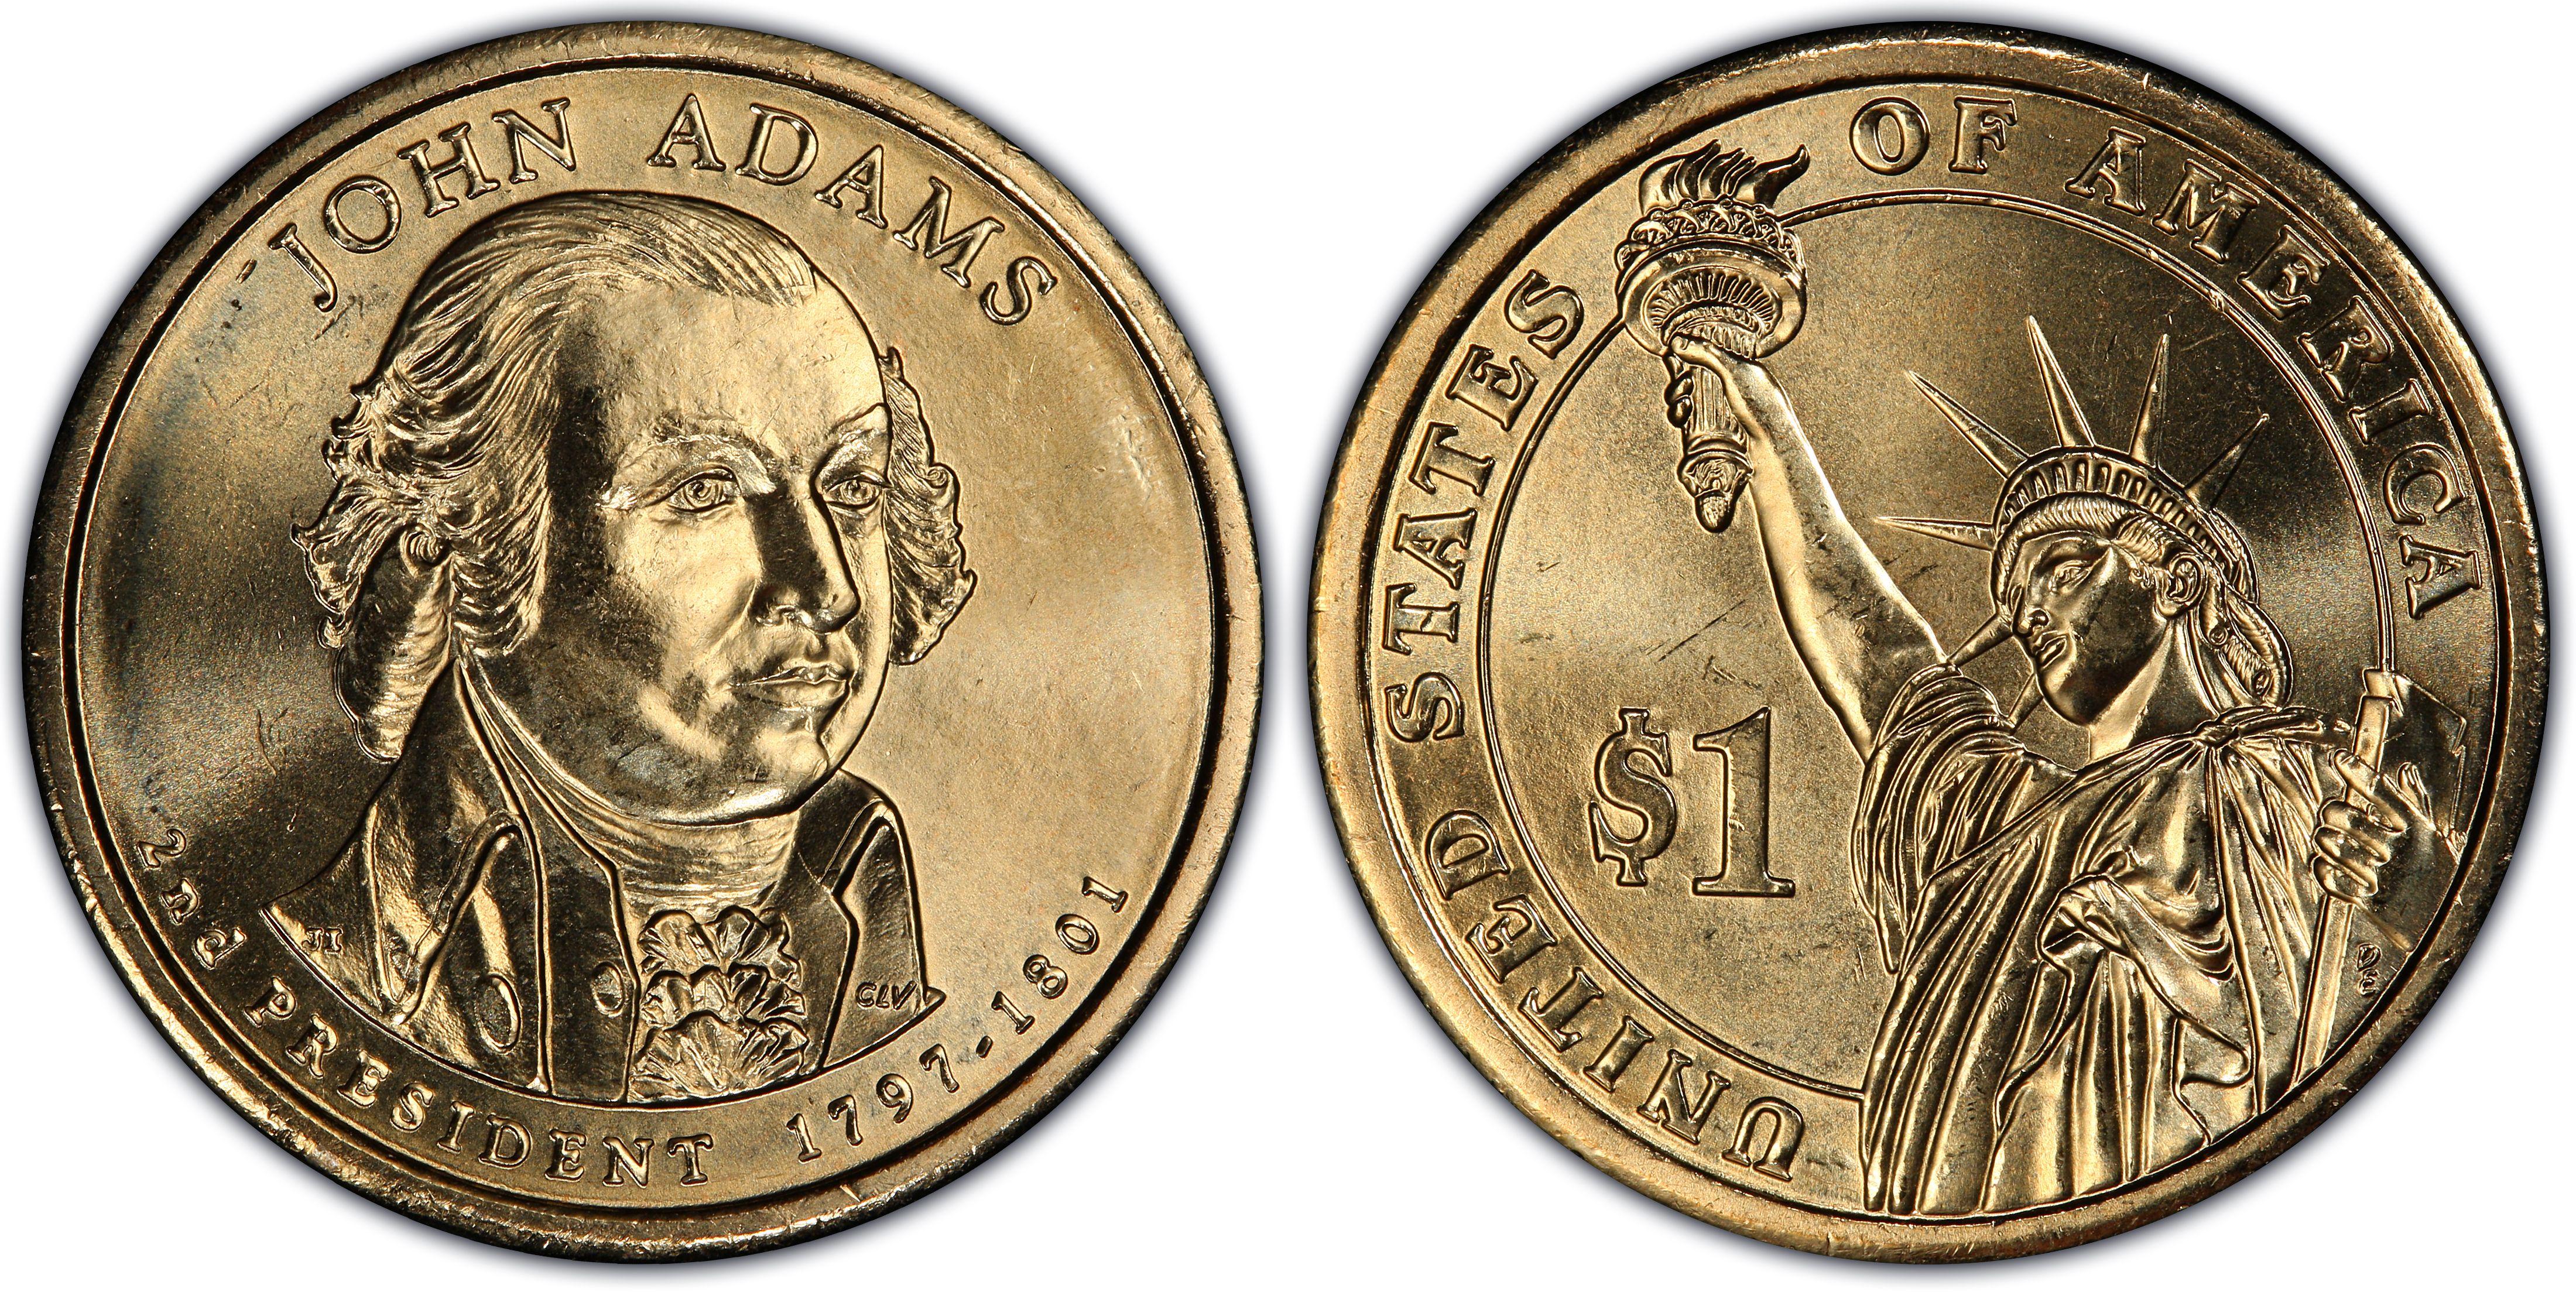 String 2007 John Adams Presidential $1 One Dollar Coin Rolls US Mint NEW N F